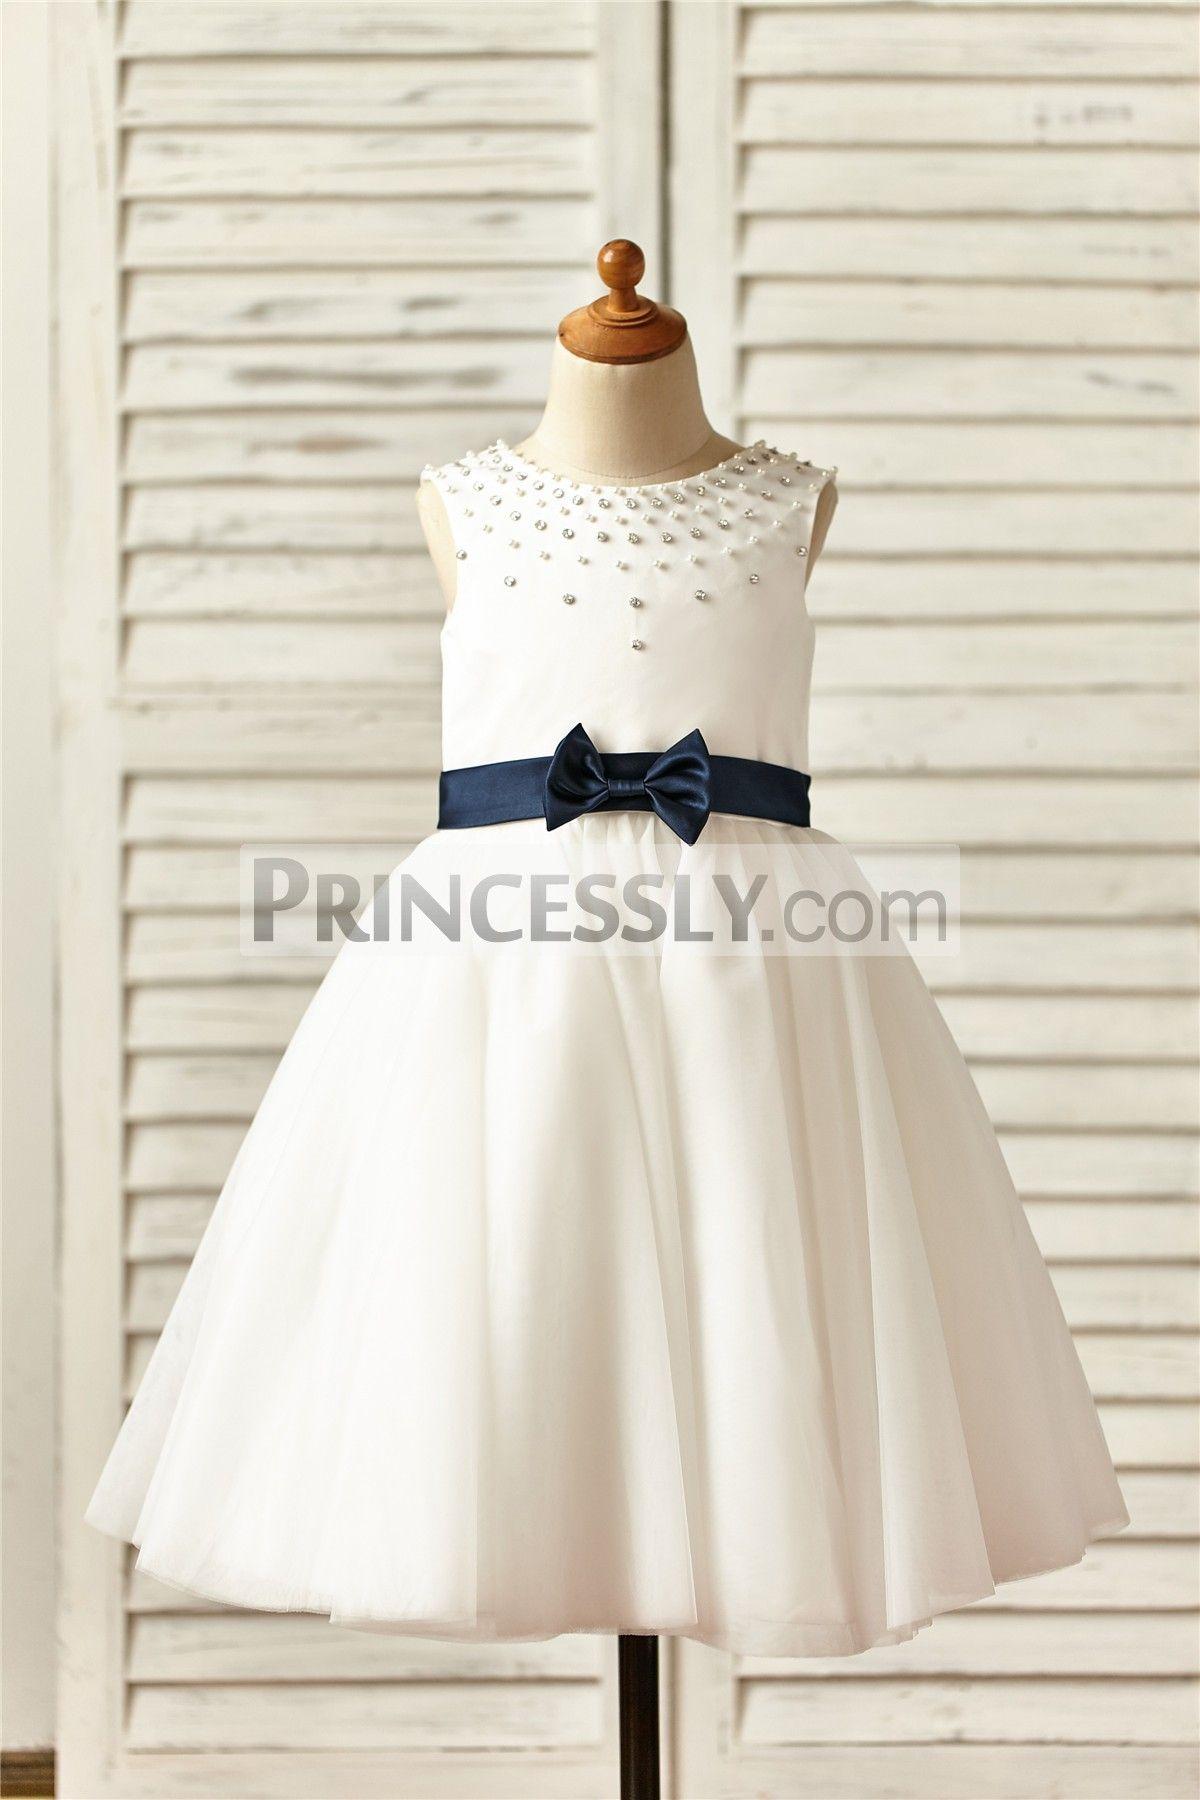 Ivory satin tulle tutu flower girl dress with navy blue sashbow